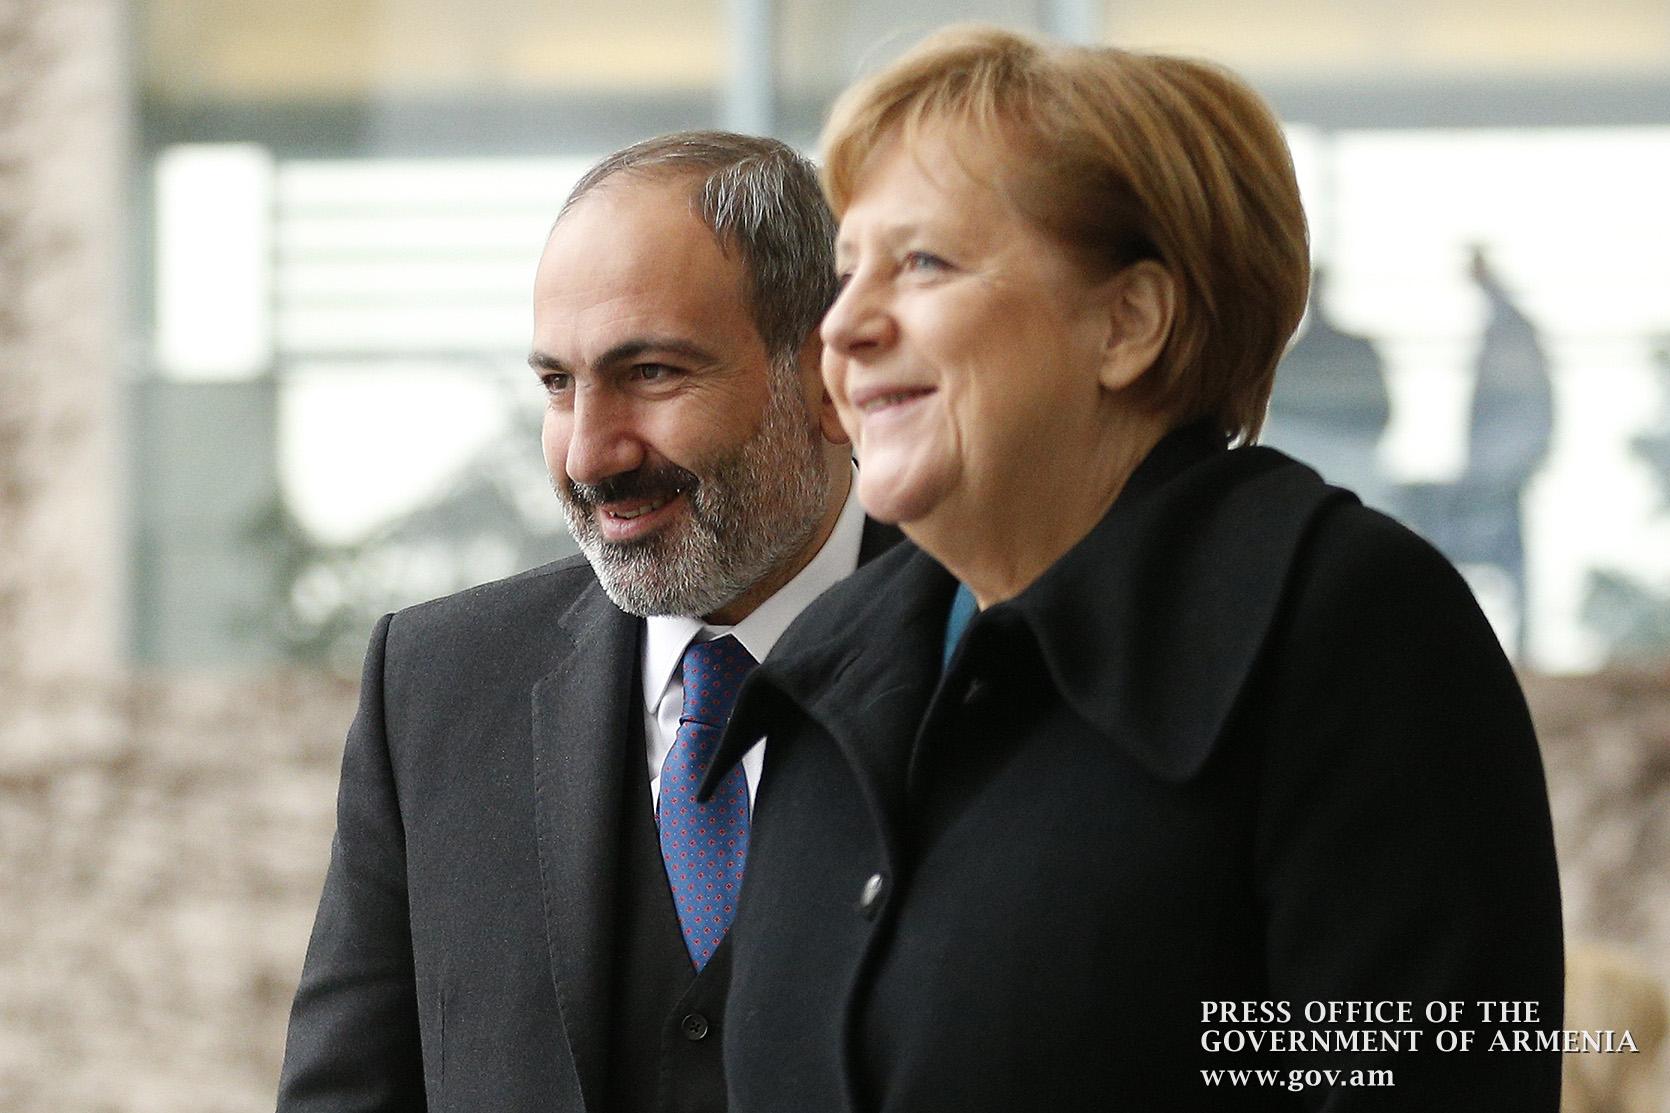 Photo of Արցախյան խնդրի կարգավորման ի՞նչ «խիզախ քայլերի» մասին ակնարկեց Անգելա Մերկելը.  ՀՀ վարչապետը պարզաբանեց